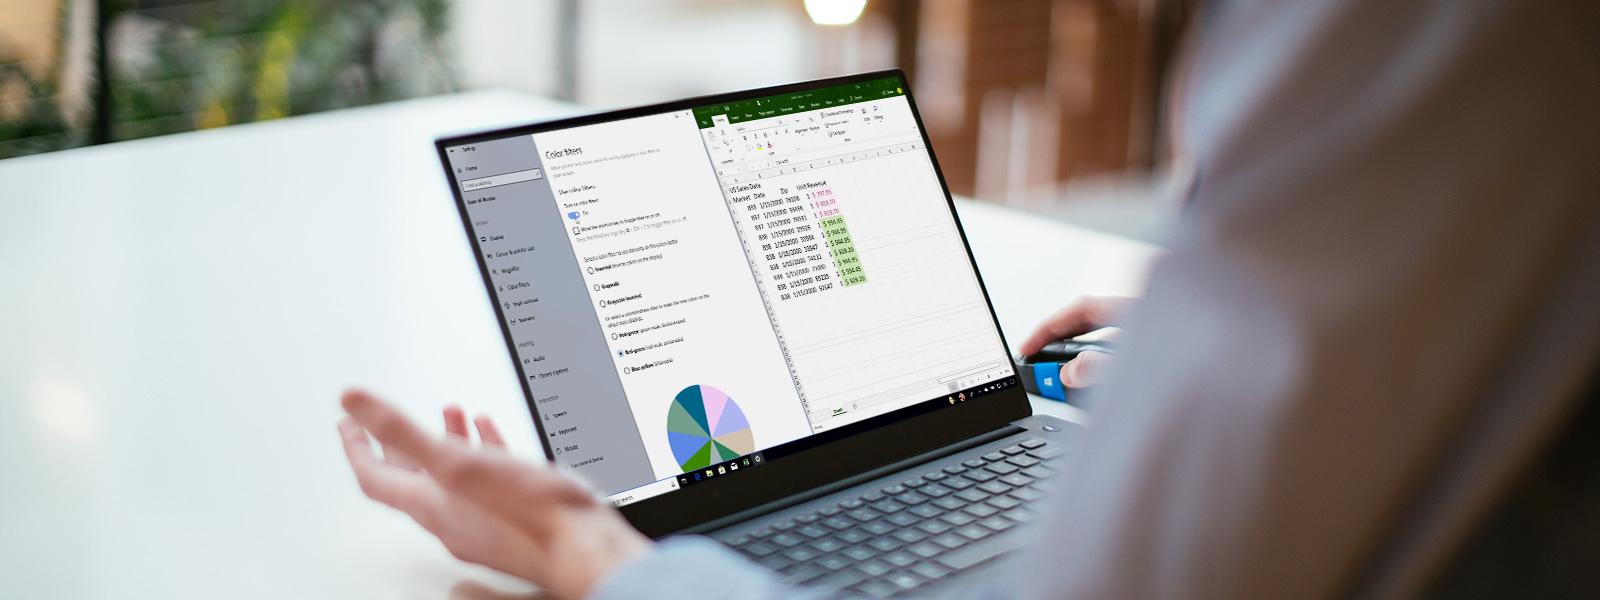 有個人使用已啟用色彩篩選的 Windows 10 手提電腦